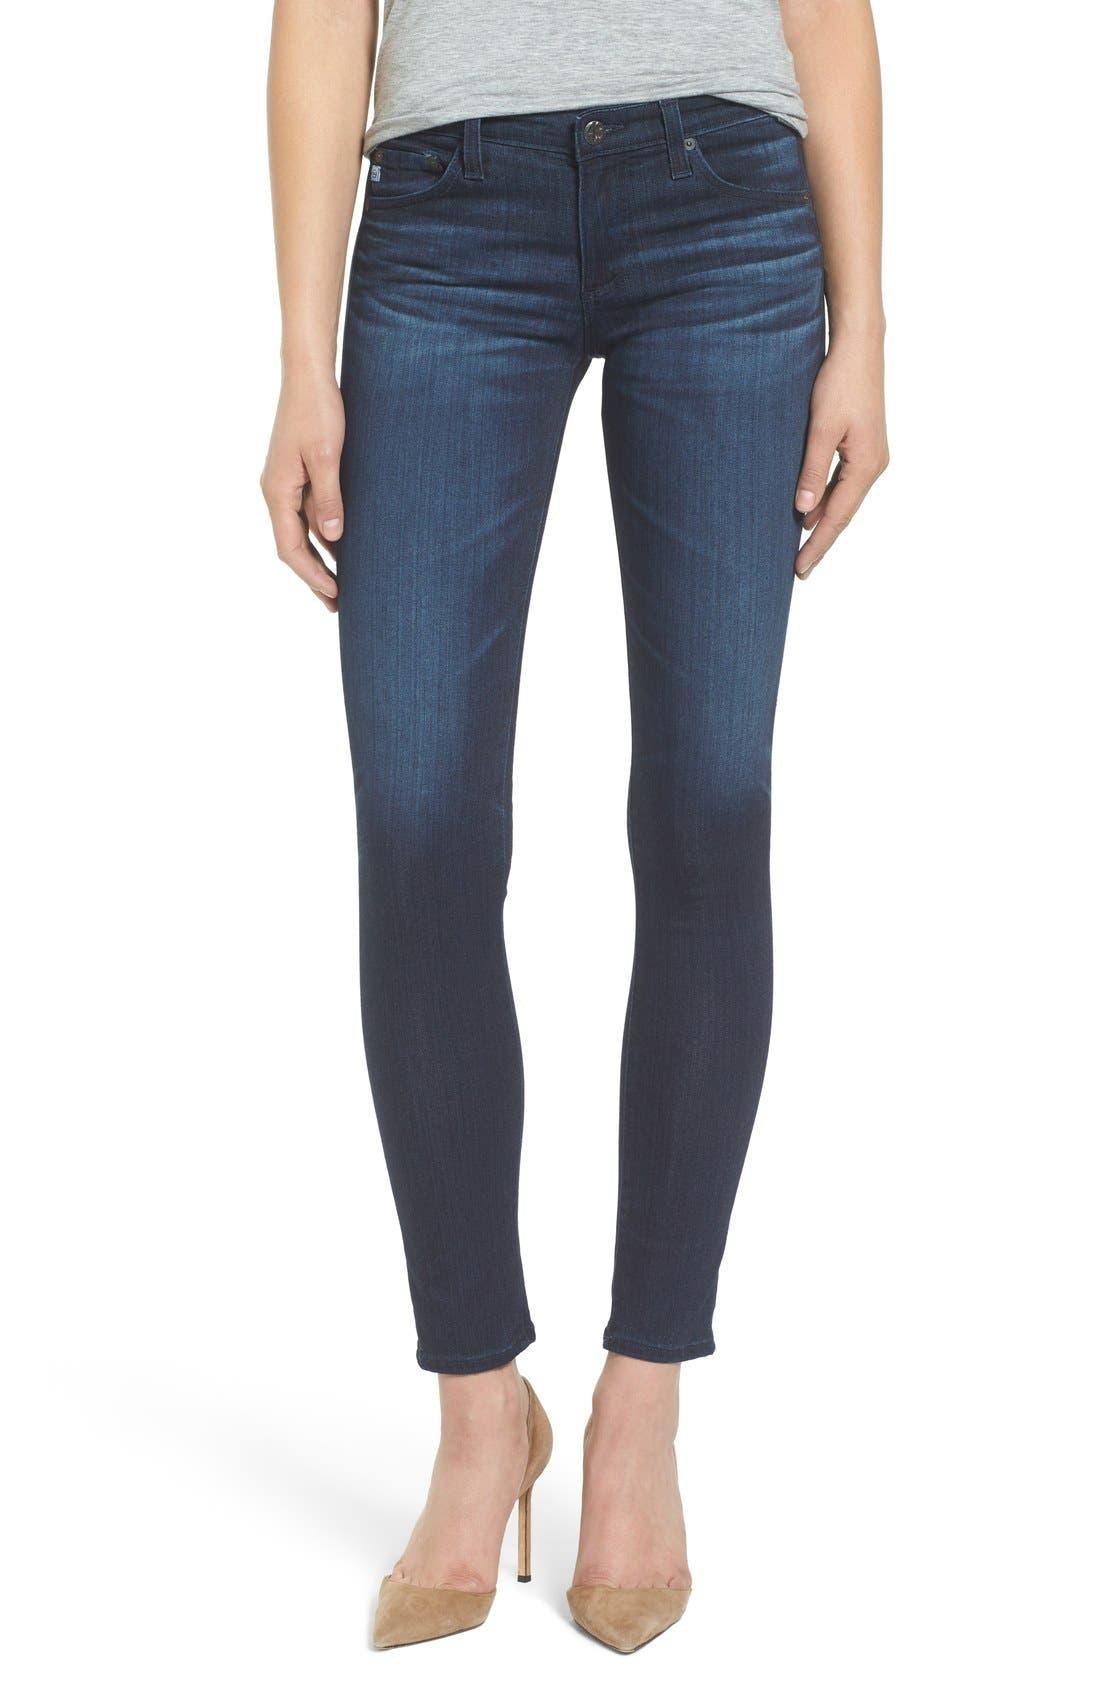 Alternate Image 1 Selected - AG 'The Stilt' Cigarette Skinny Jeans (3 Year Imagination)